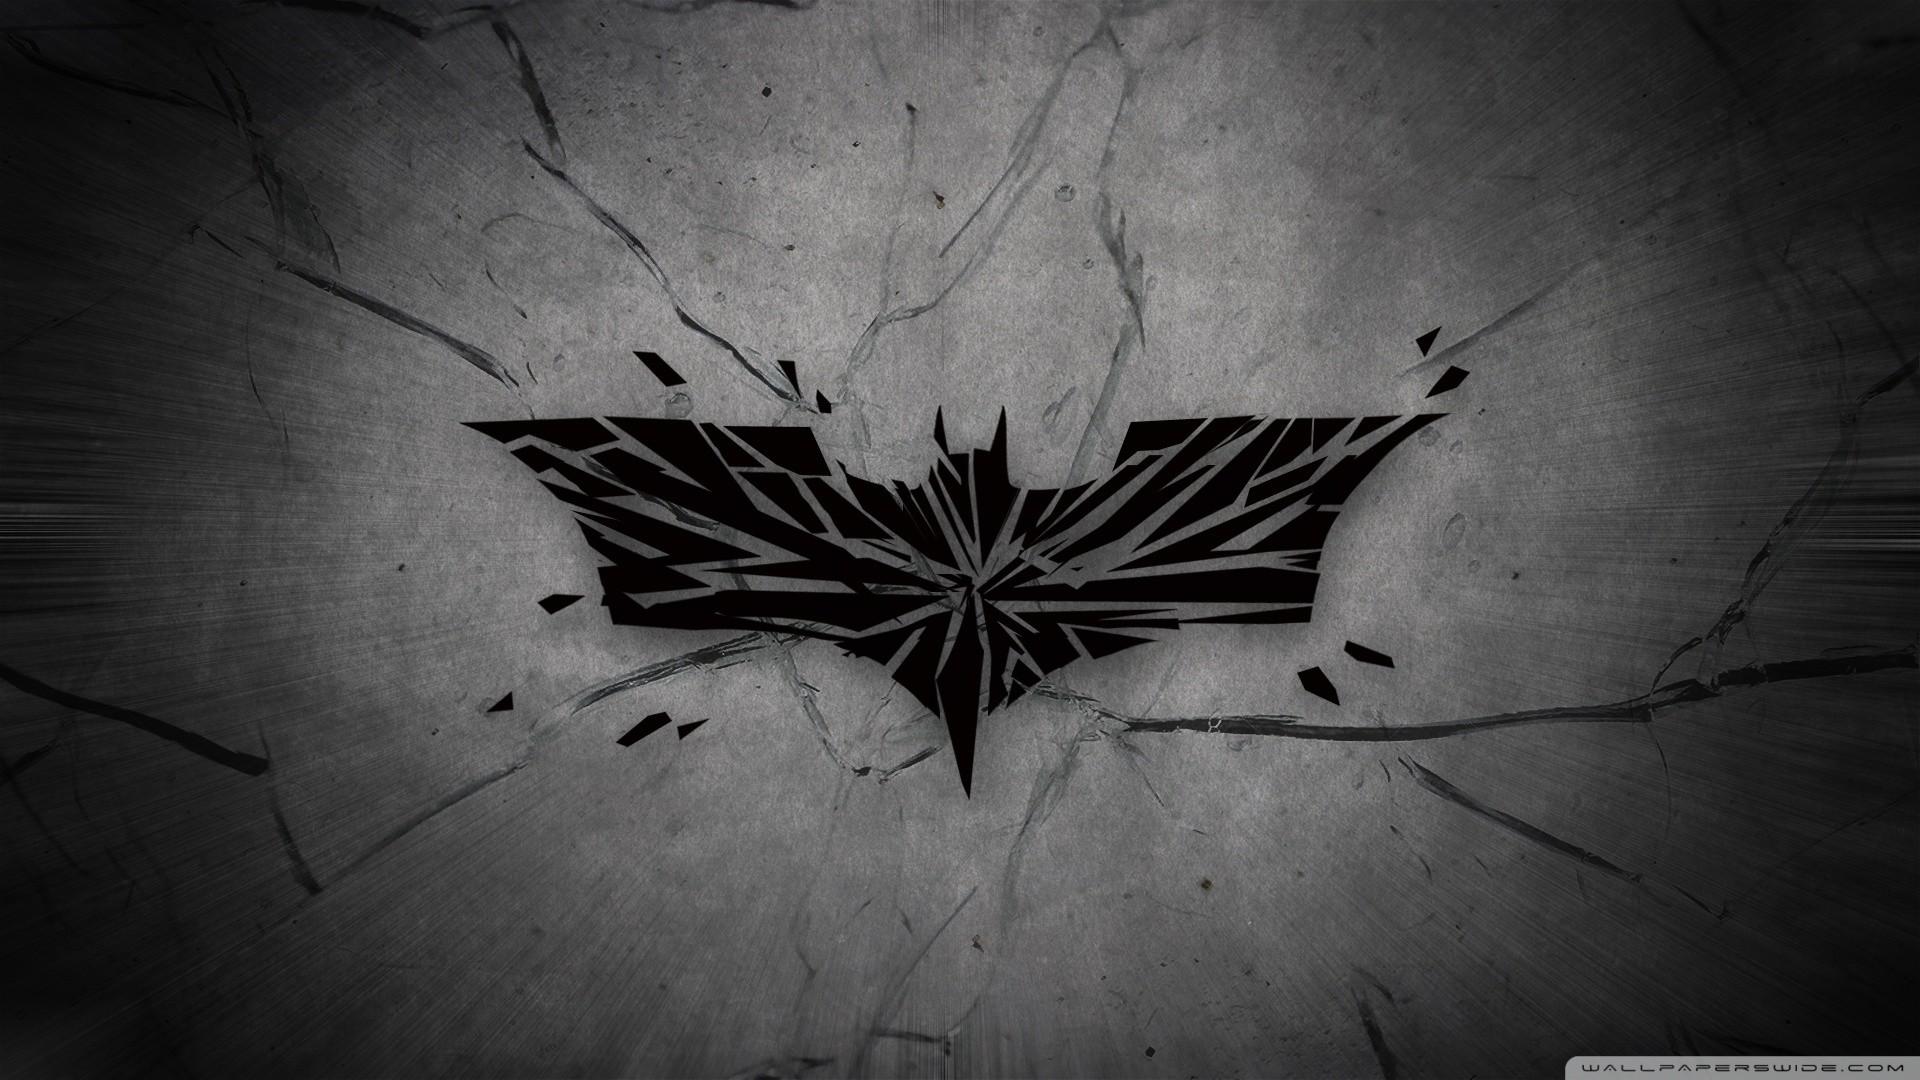 hd batman wallpaper (73+ images)